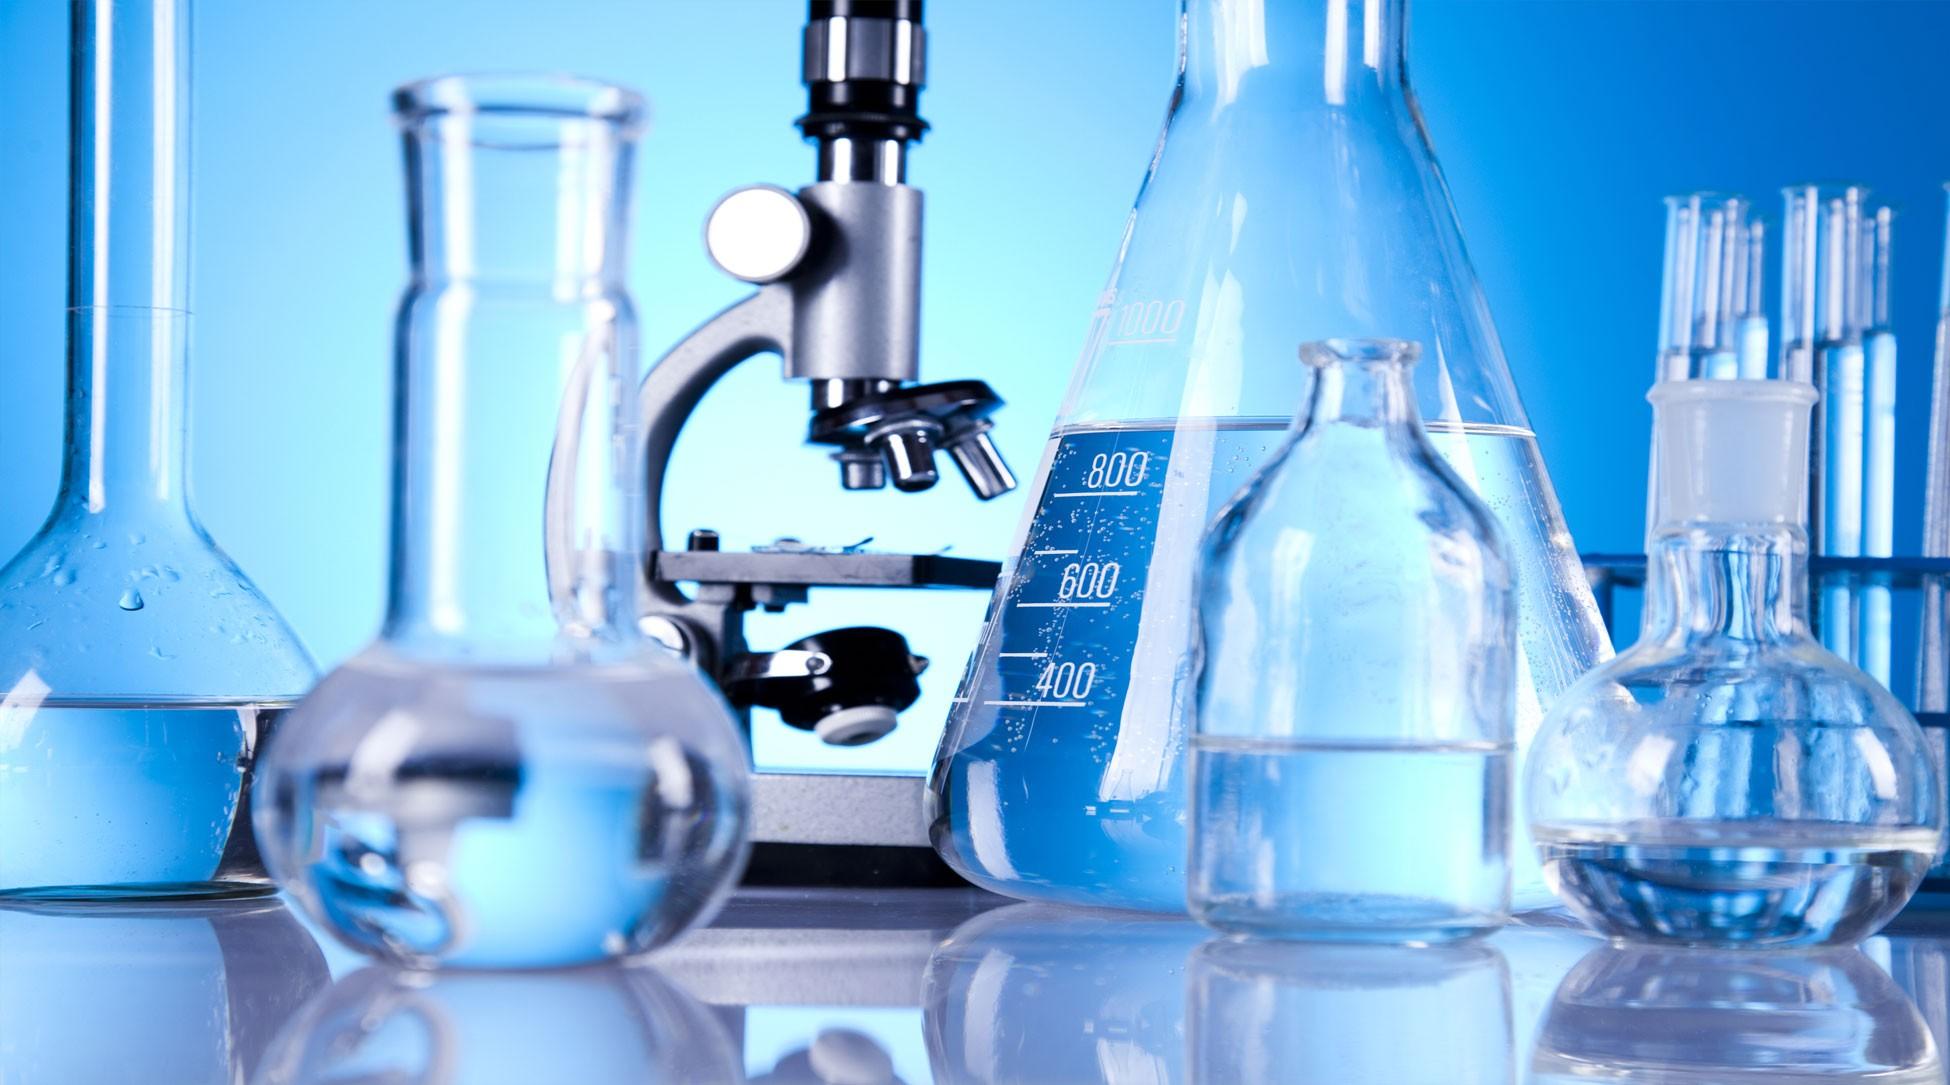 Ứng dụng quan trọng của bình tam giác trong các thí nghiệm hóa học